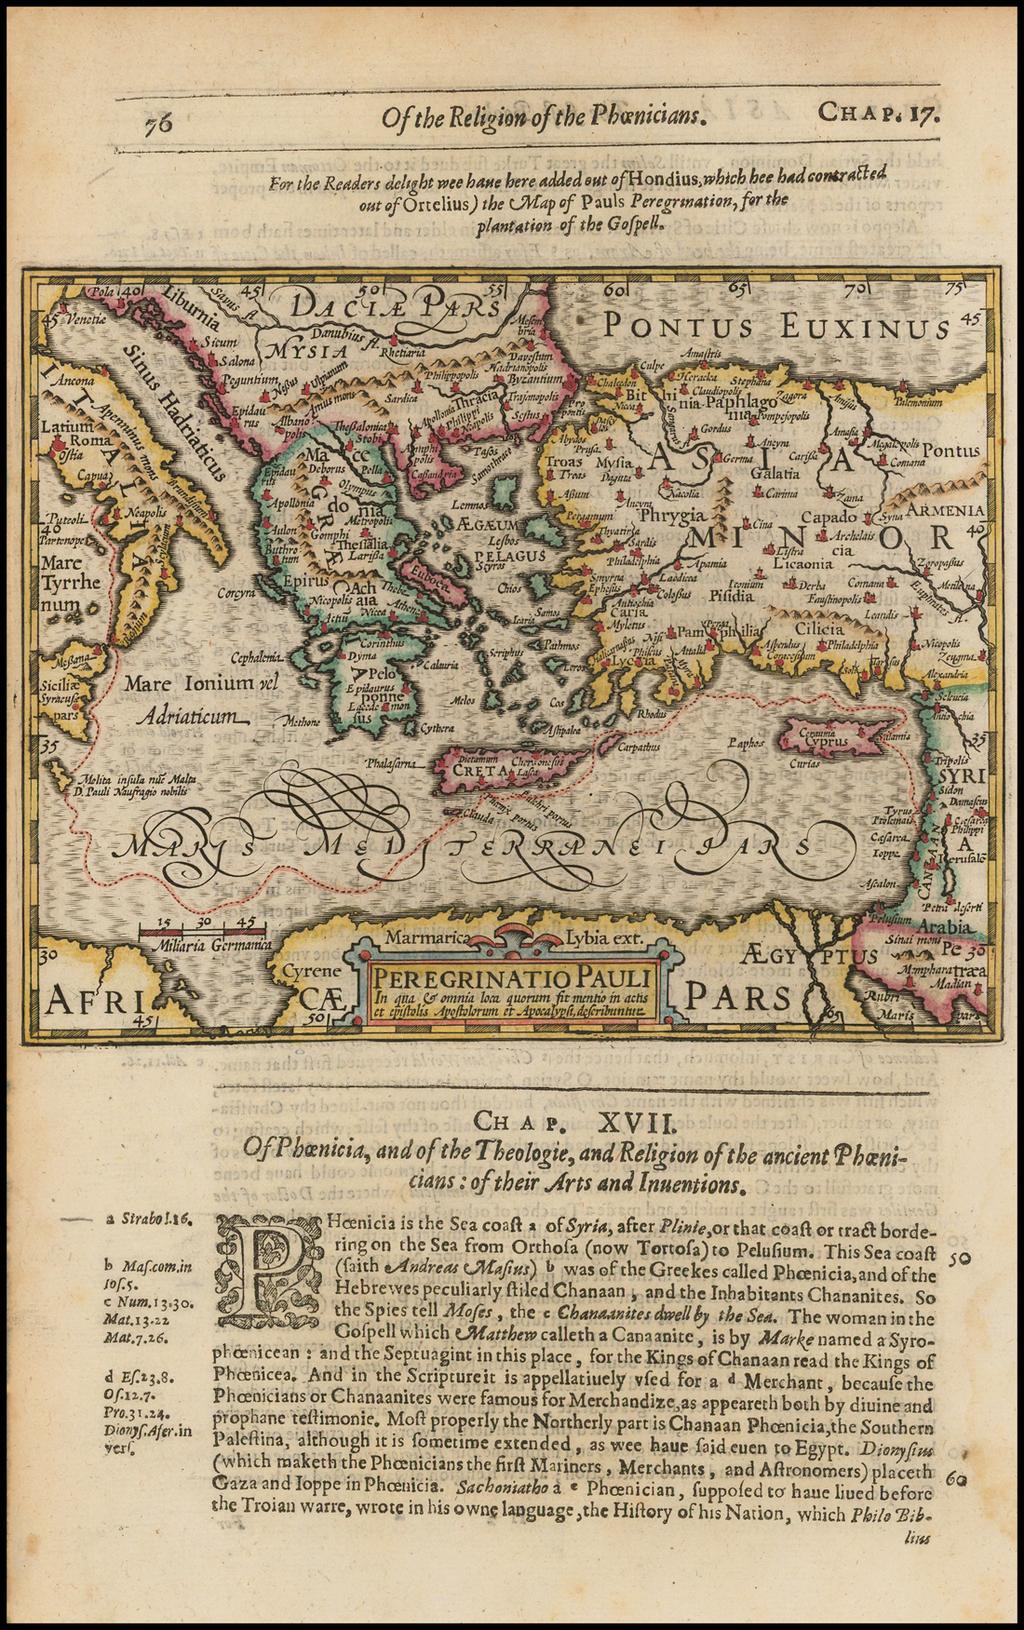 Peregrinatio Pauli In qua & omnia quorum fit mentio in actis et epistolis Apostolorum et Apocalysi describuntur  (shows Cyprus) By Jodocus Hondius / Samuel Purchas